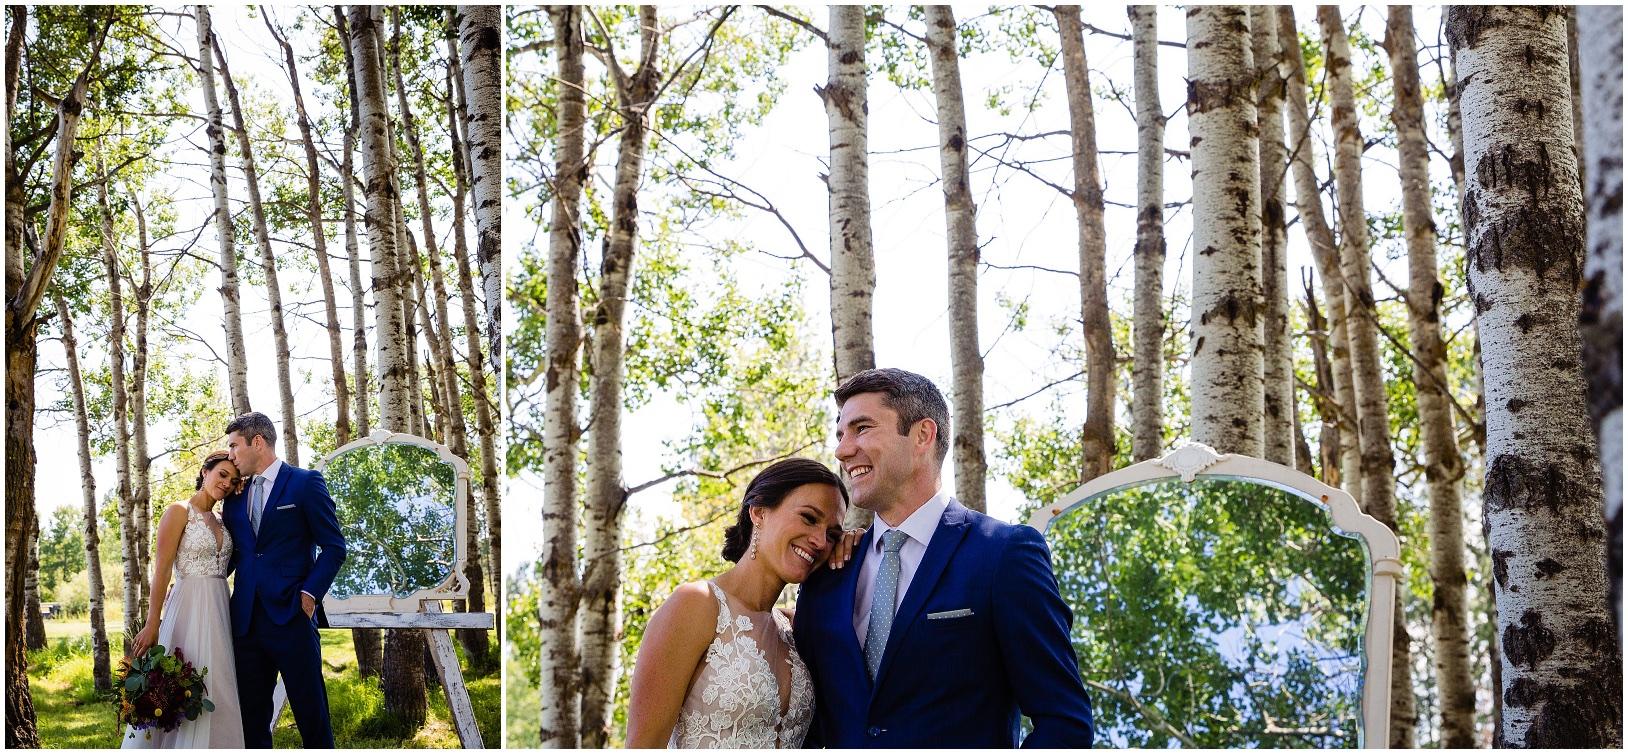 lindseyjane_weddings0044.jpg